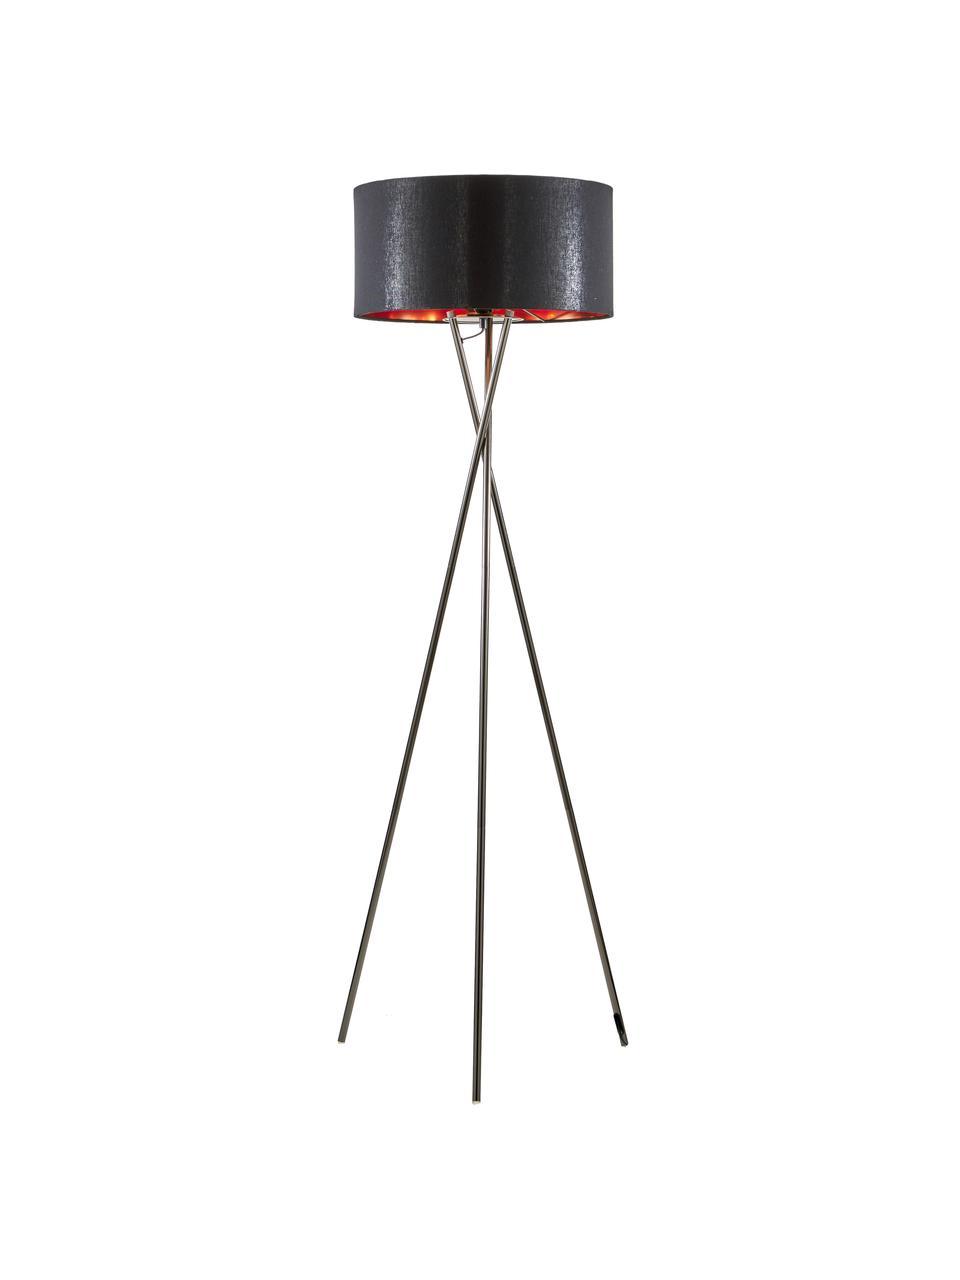 Tripod Stehlampe Giovanna mit Kupfer-Dekor, Lampenfuß: Stahl, schwarzverchromt, Schwarz, Kupfer, Ø 45 x H 154 cm